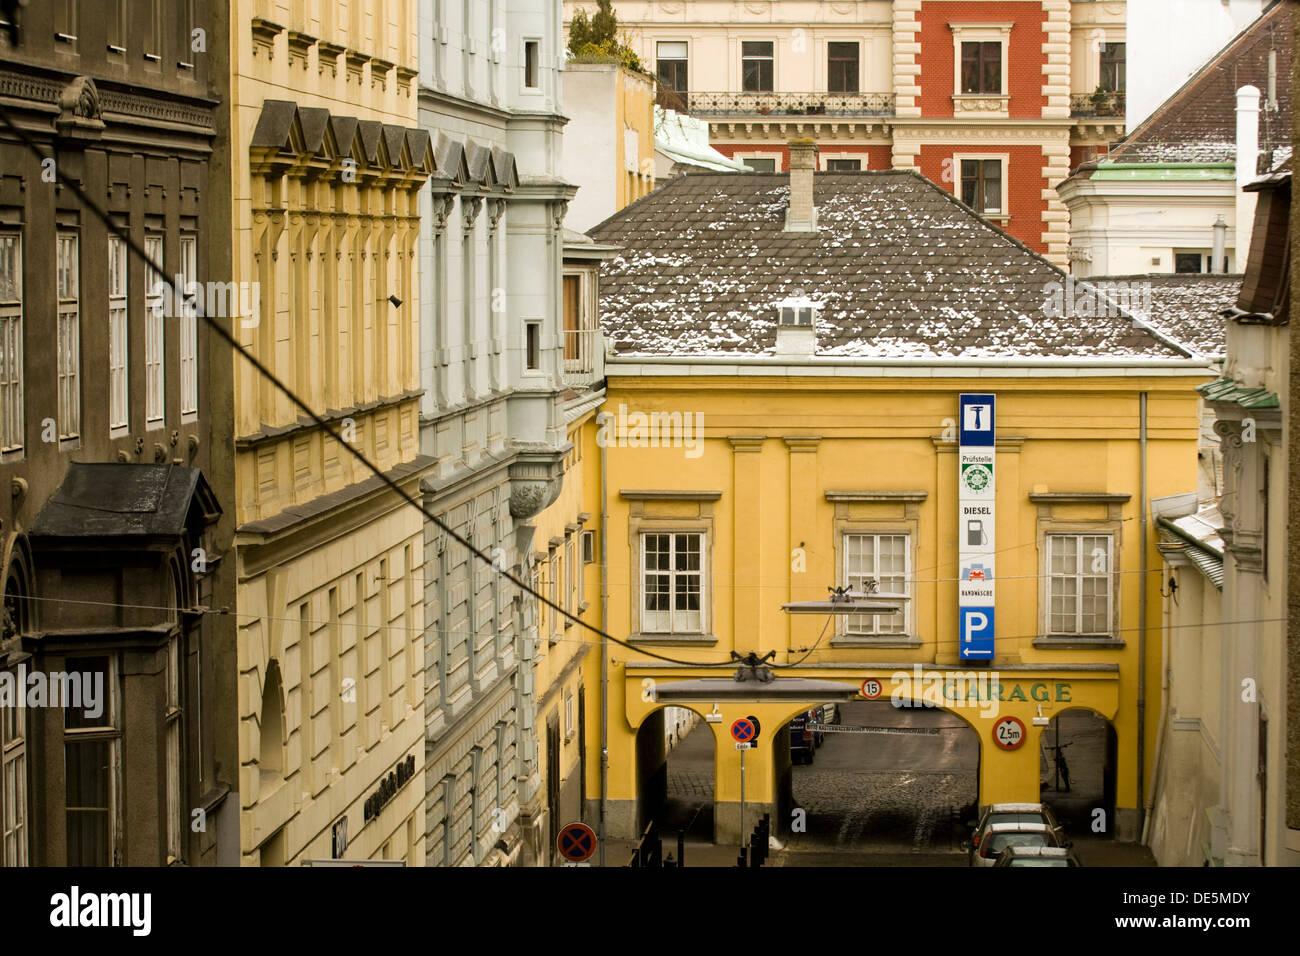 Österreich, Wien 8, Blick Von Der Lange Gasse In Die Trautsongasse   Stock  Image